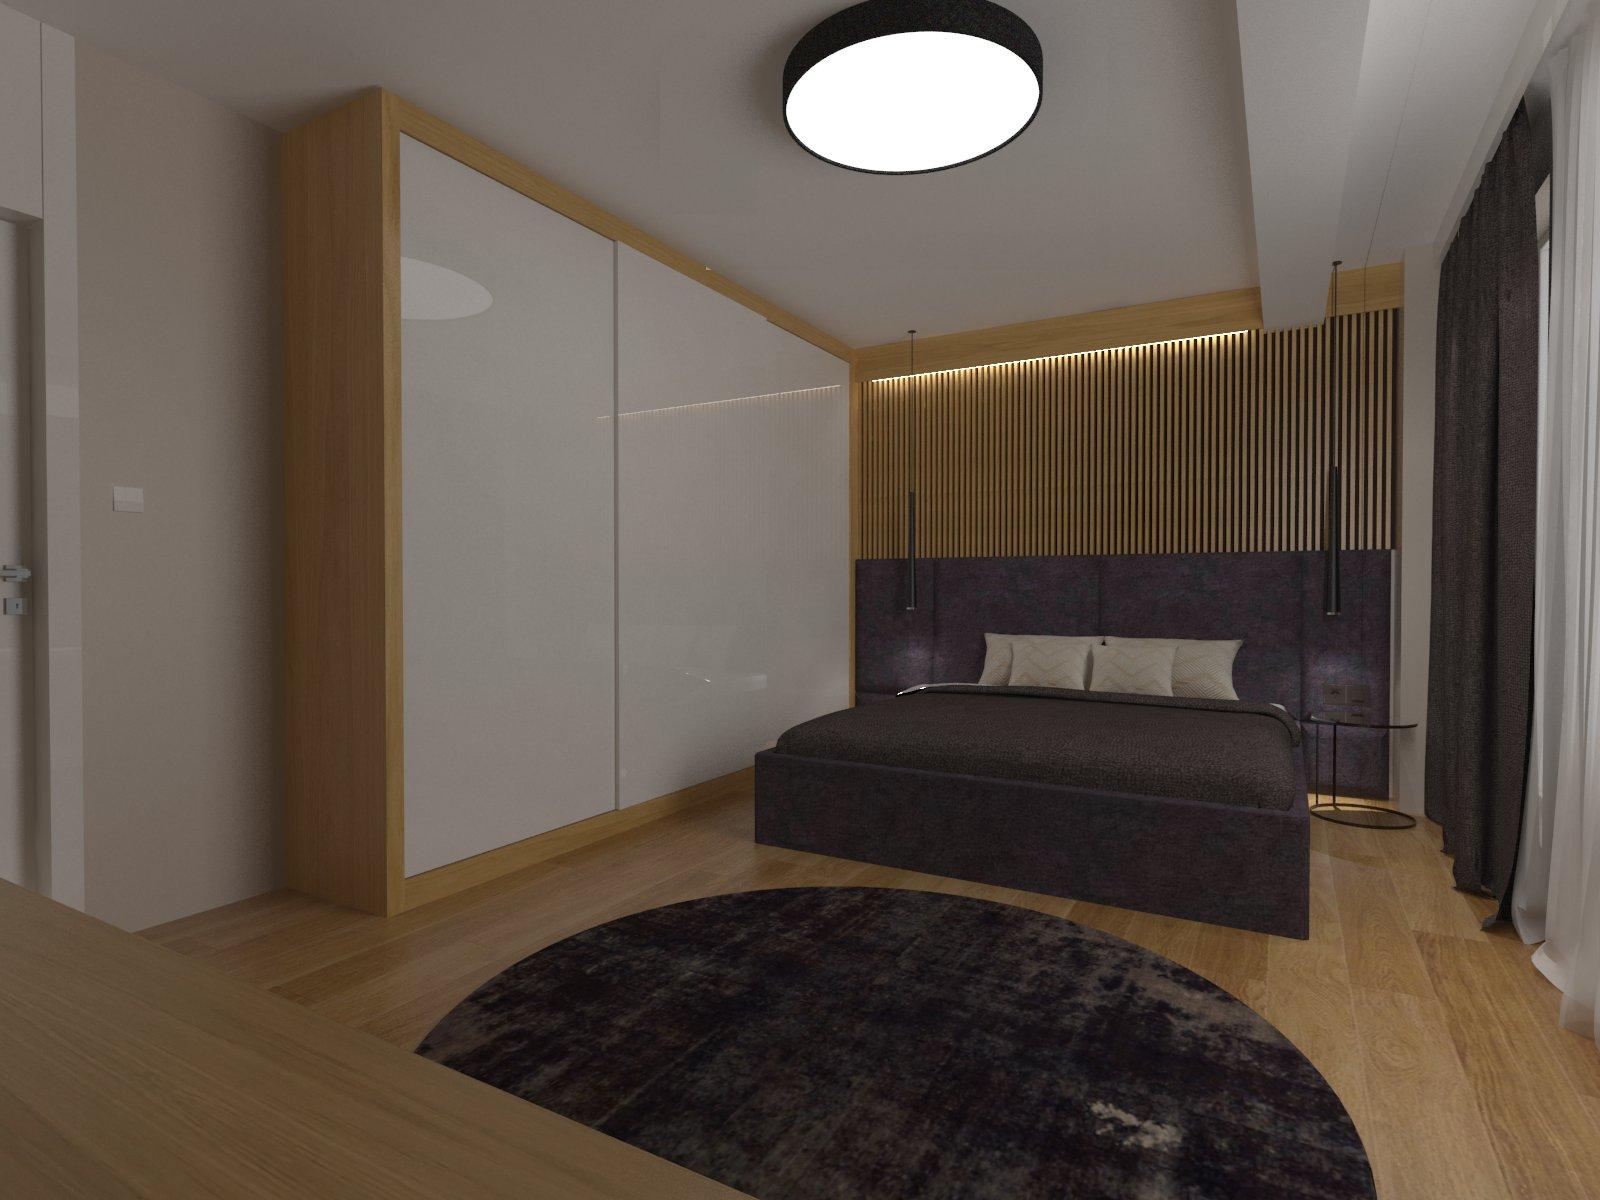 bedroom180 sw 2